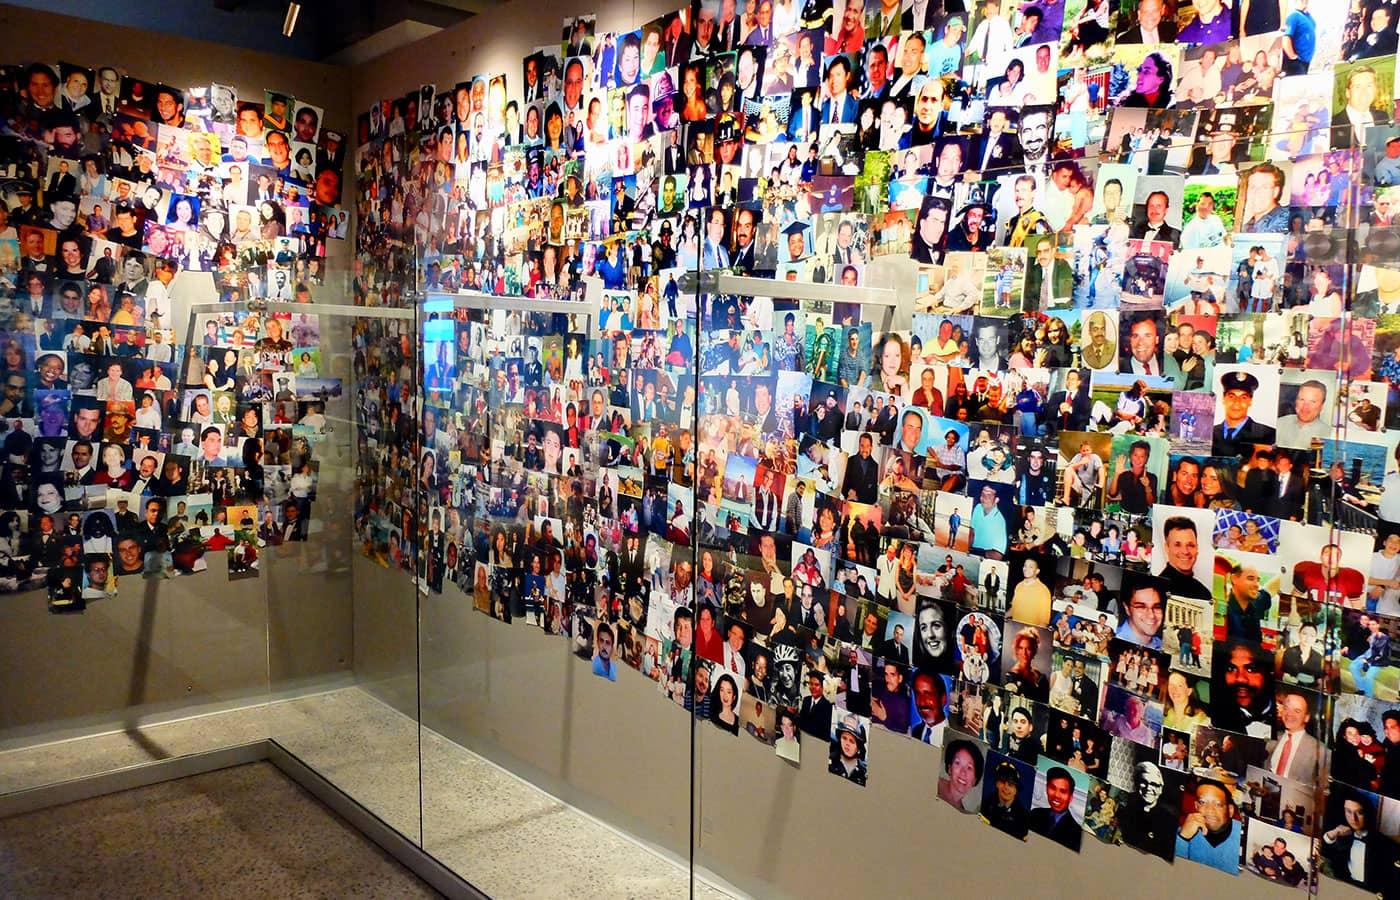 911 Tribute Museum i New York - Fotovägg